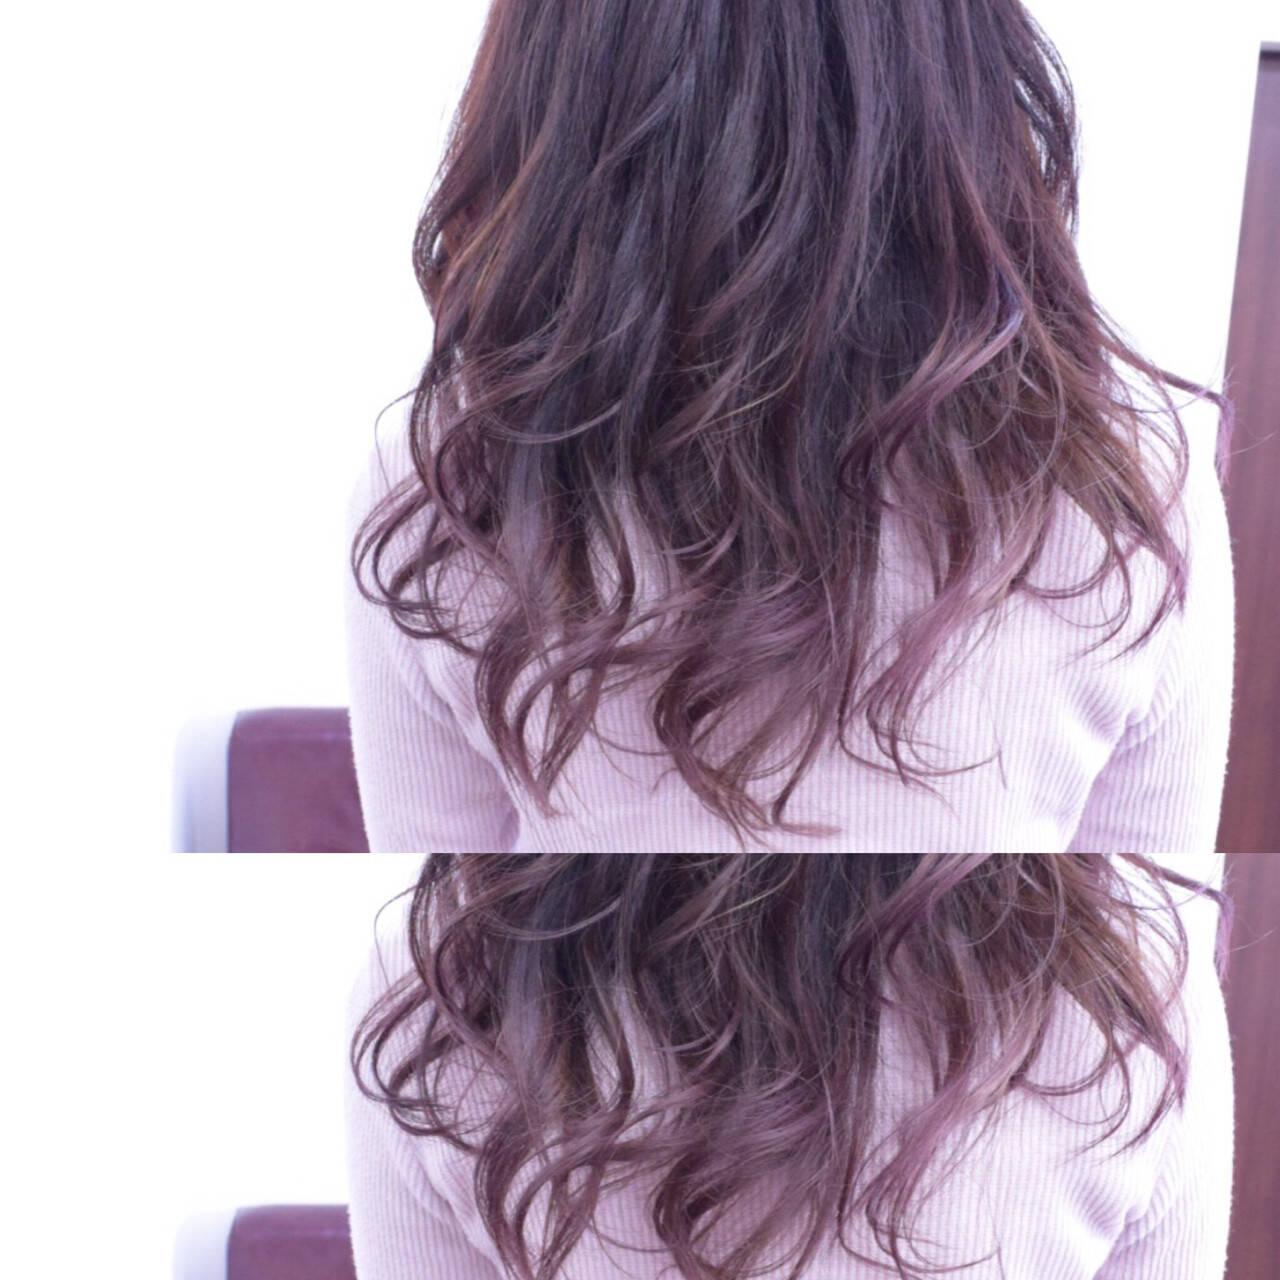 ガーリー ロング フェミニン ゆるふわヘアスタイルや髪型の写真・画像